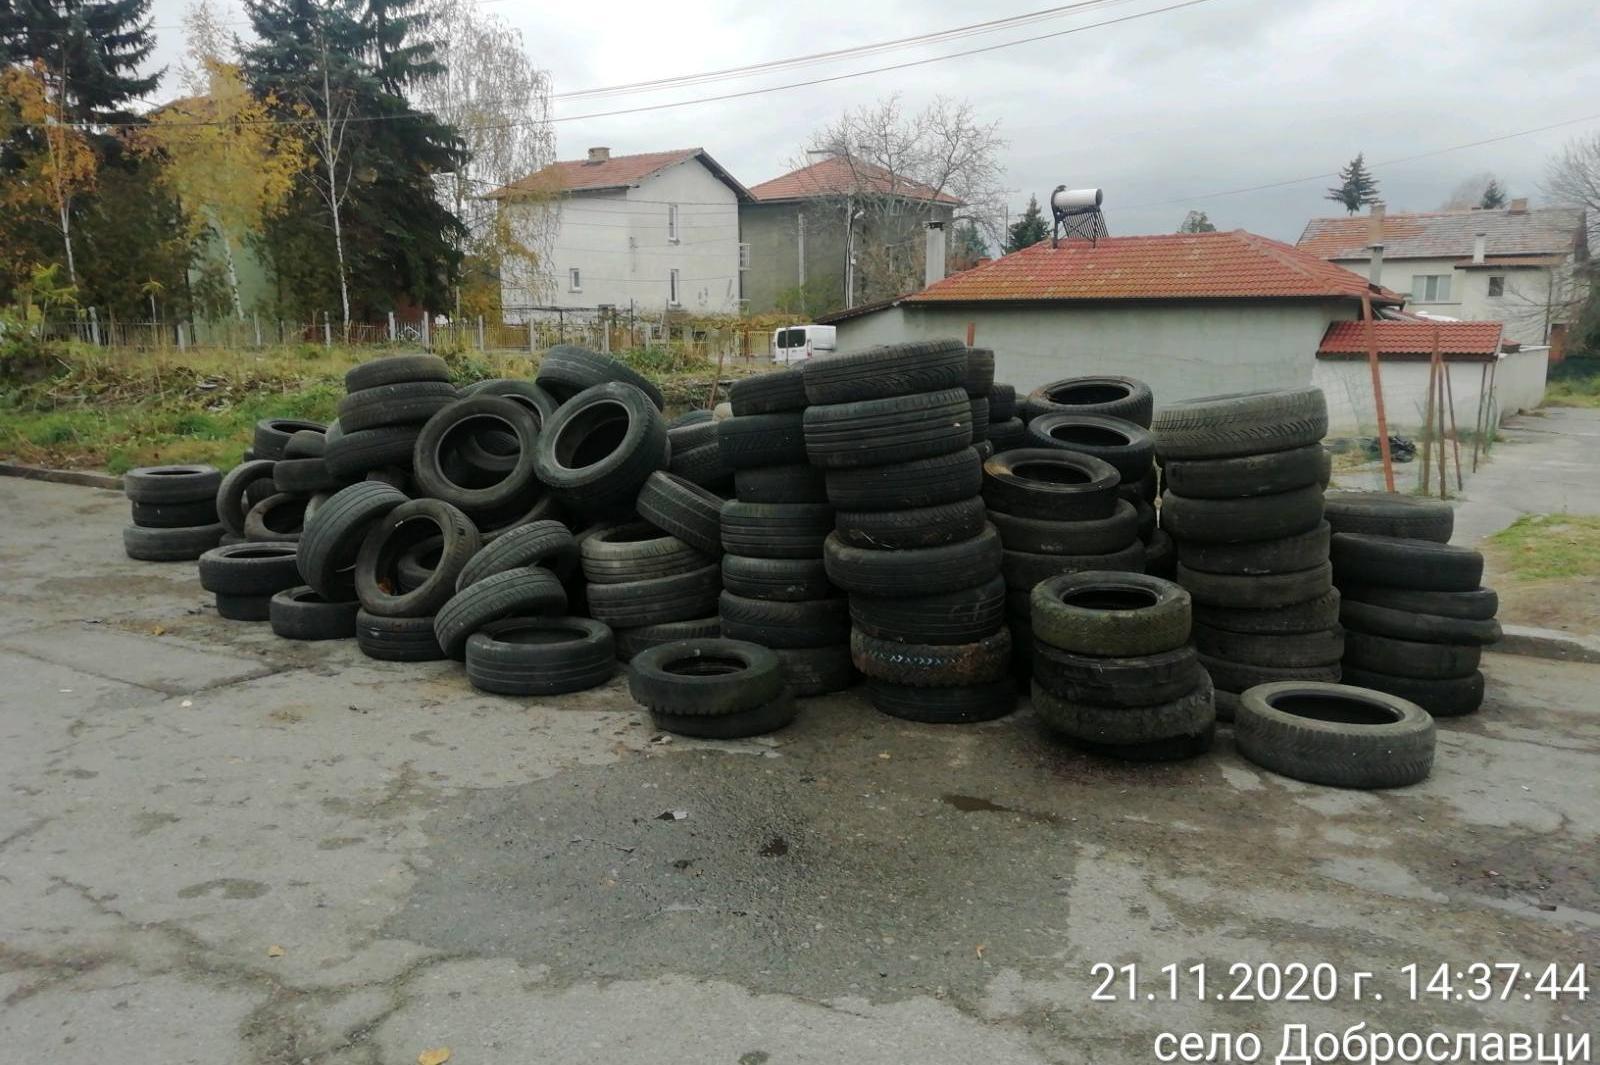 Събраха над 280 стари гуми в с. Доброславци (СНИМКИ)